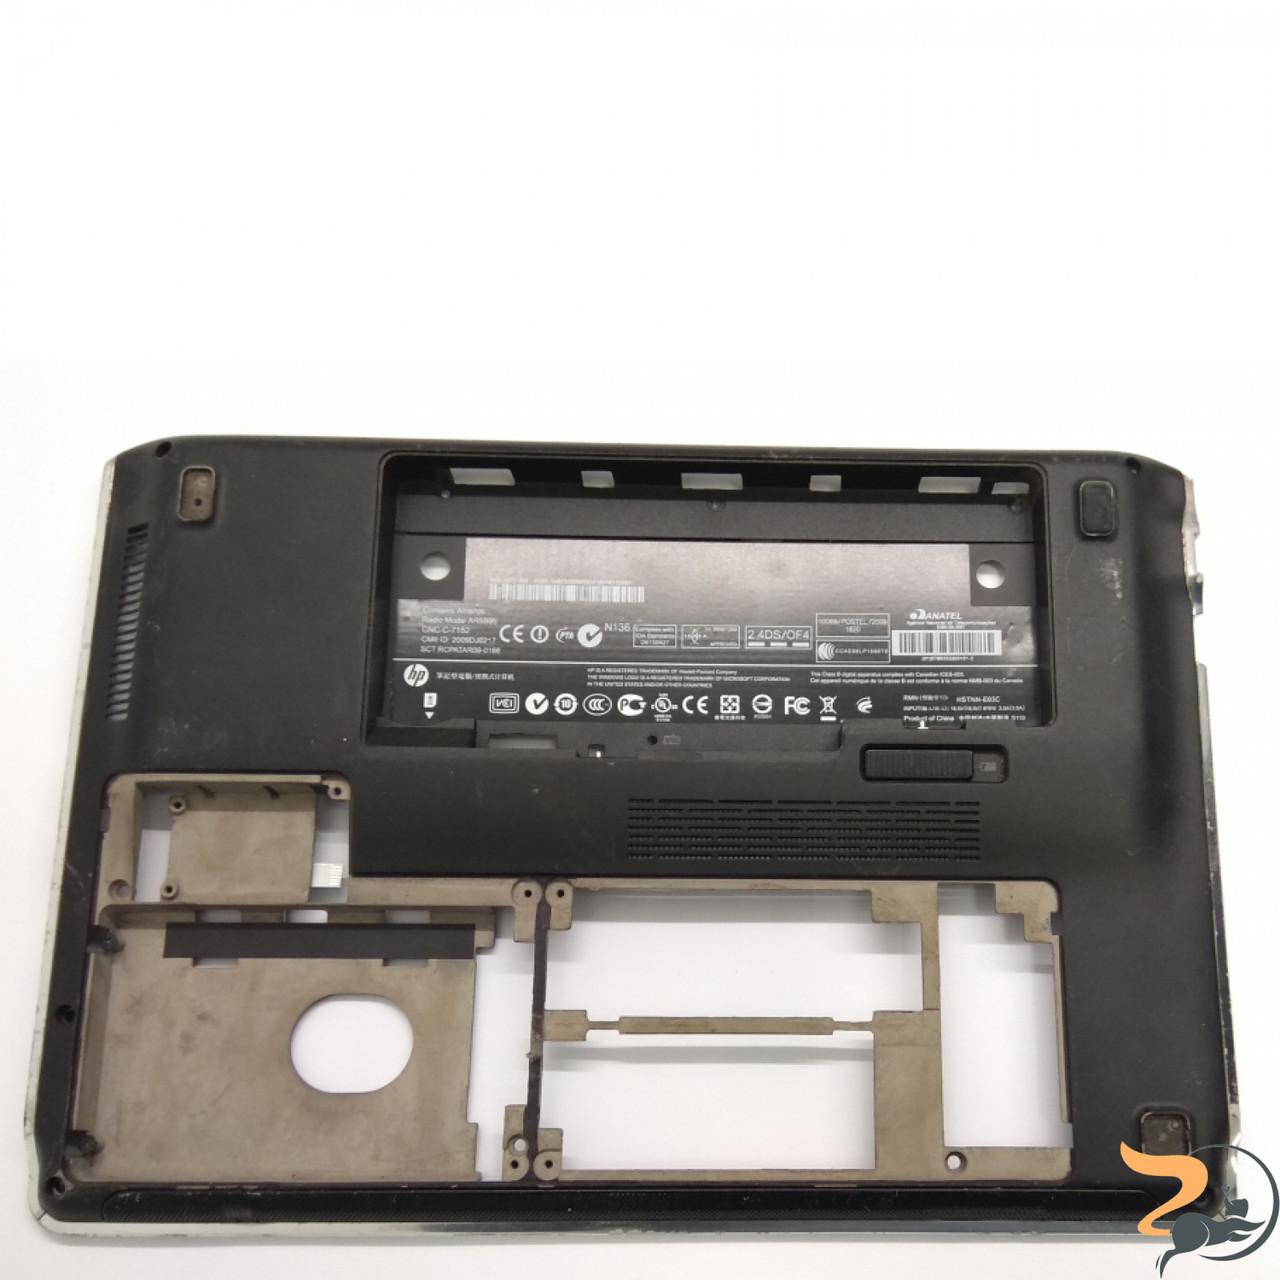 """Нижня частина корпусу для ноутбука HP Pavilion Dm3, Dm3-2000 13.3"""", 605180-001, Б/В. Всі кріплення цілі.Є пошкодження та потертості (фото)."""